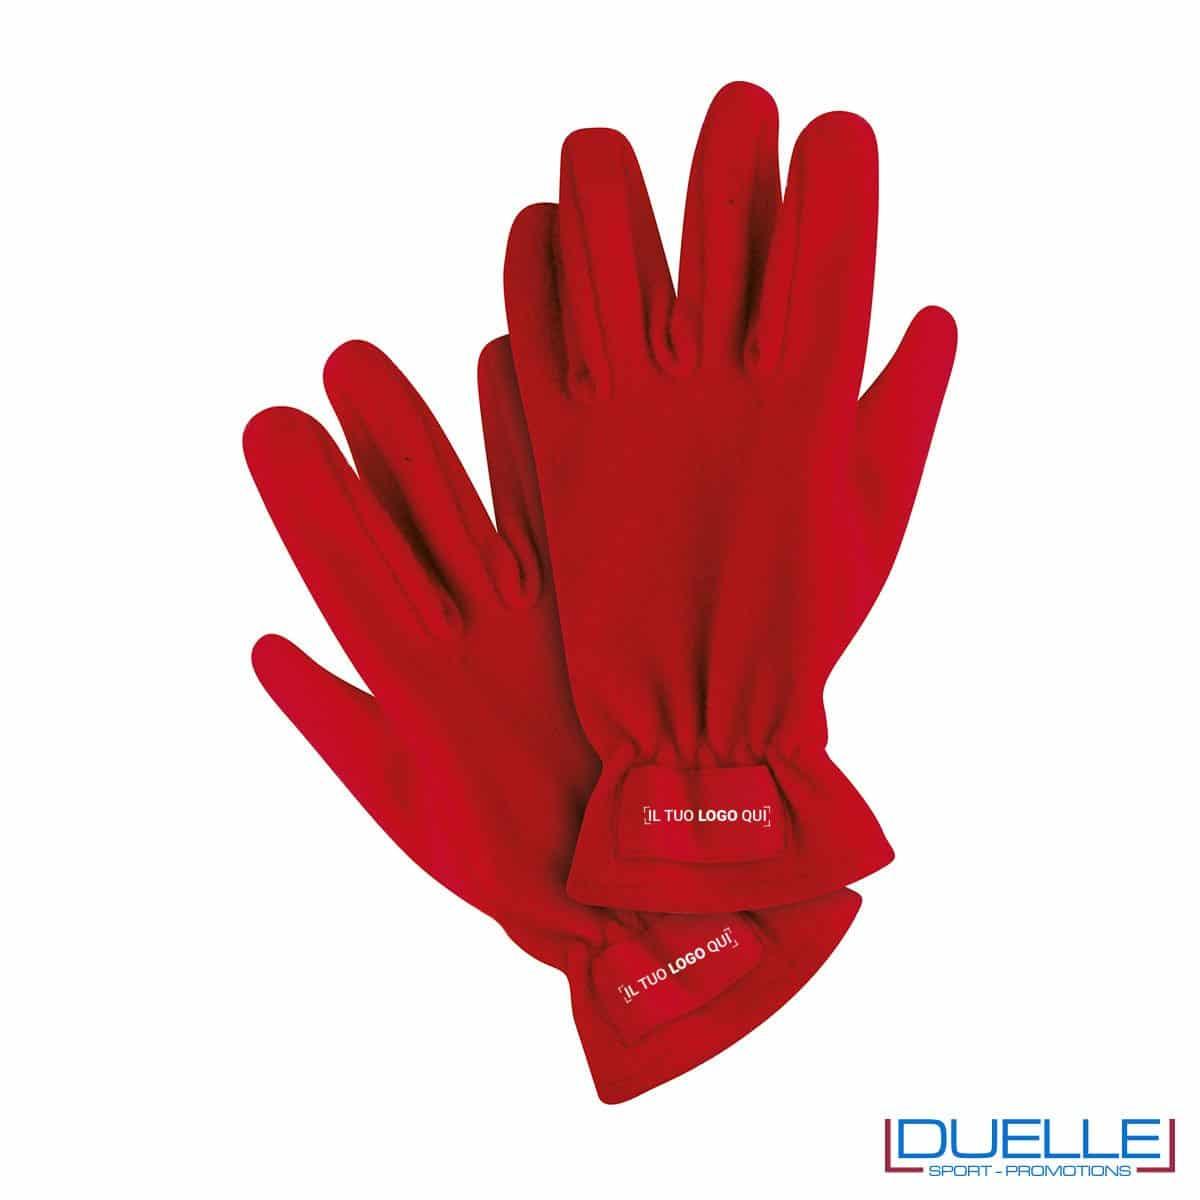 guanti in pile personalizzati in colore rosso, guanti invernali personalizzati